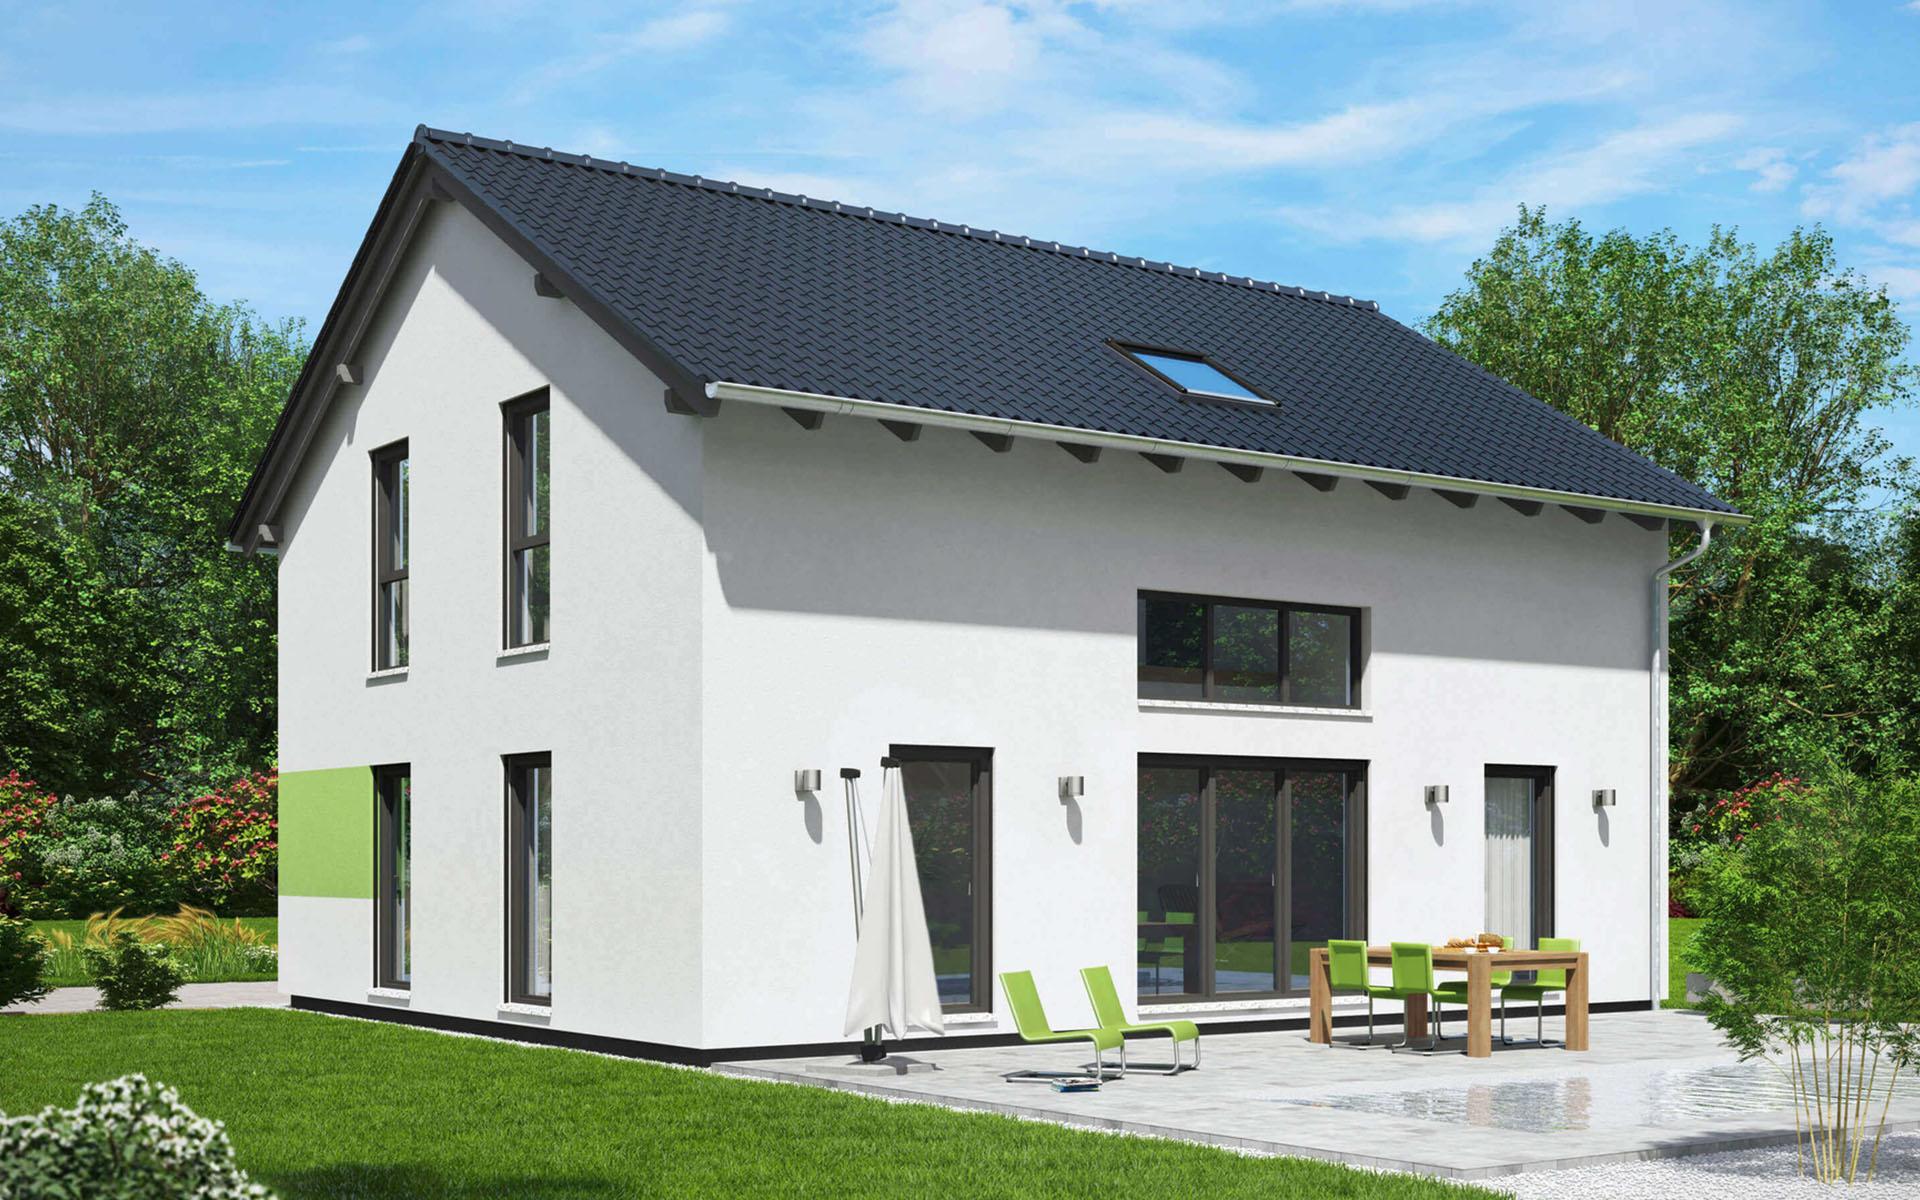 Wien von Fingerhut Haus GmbH & Co. KG